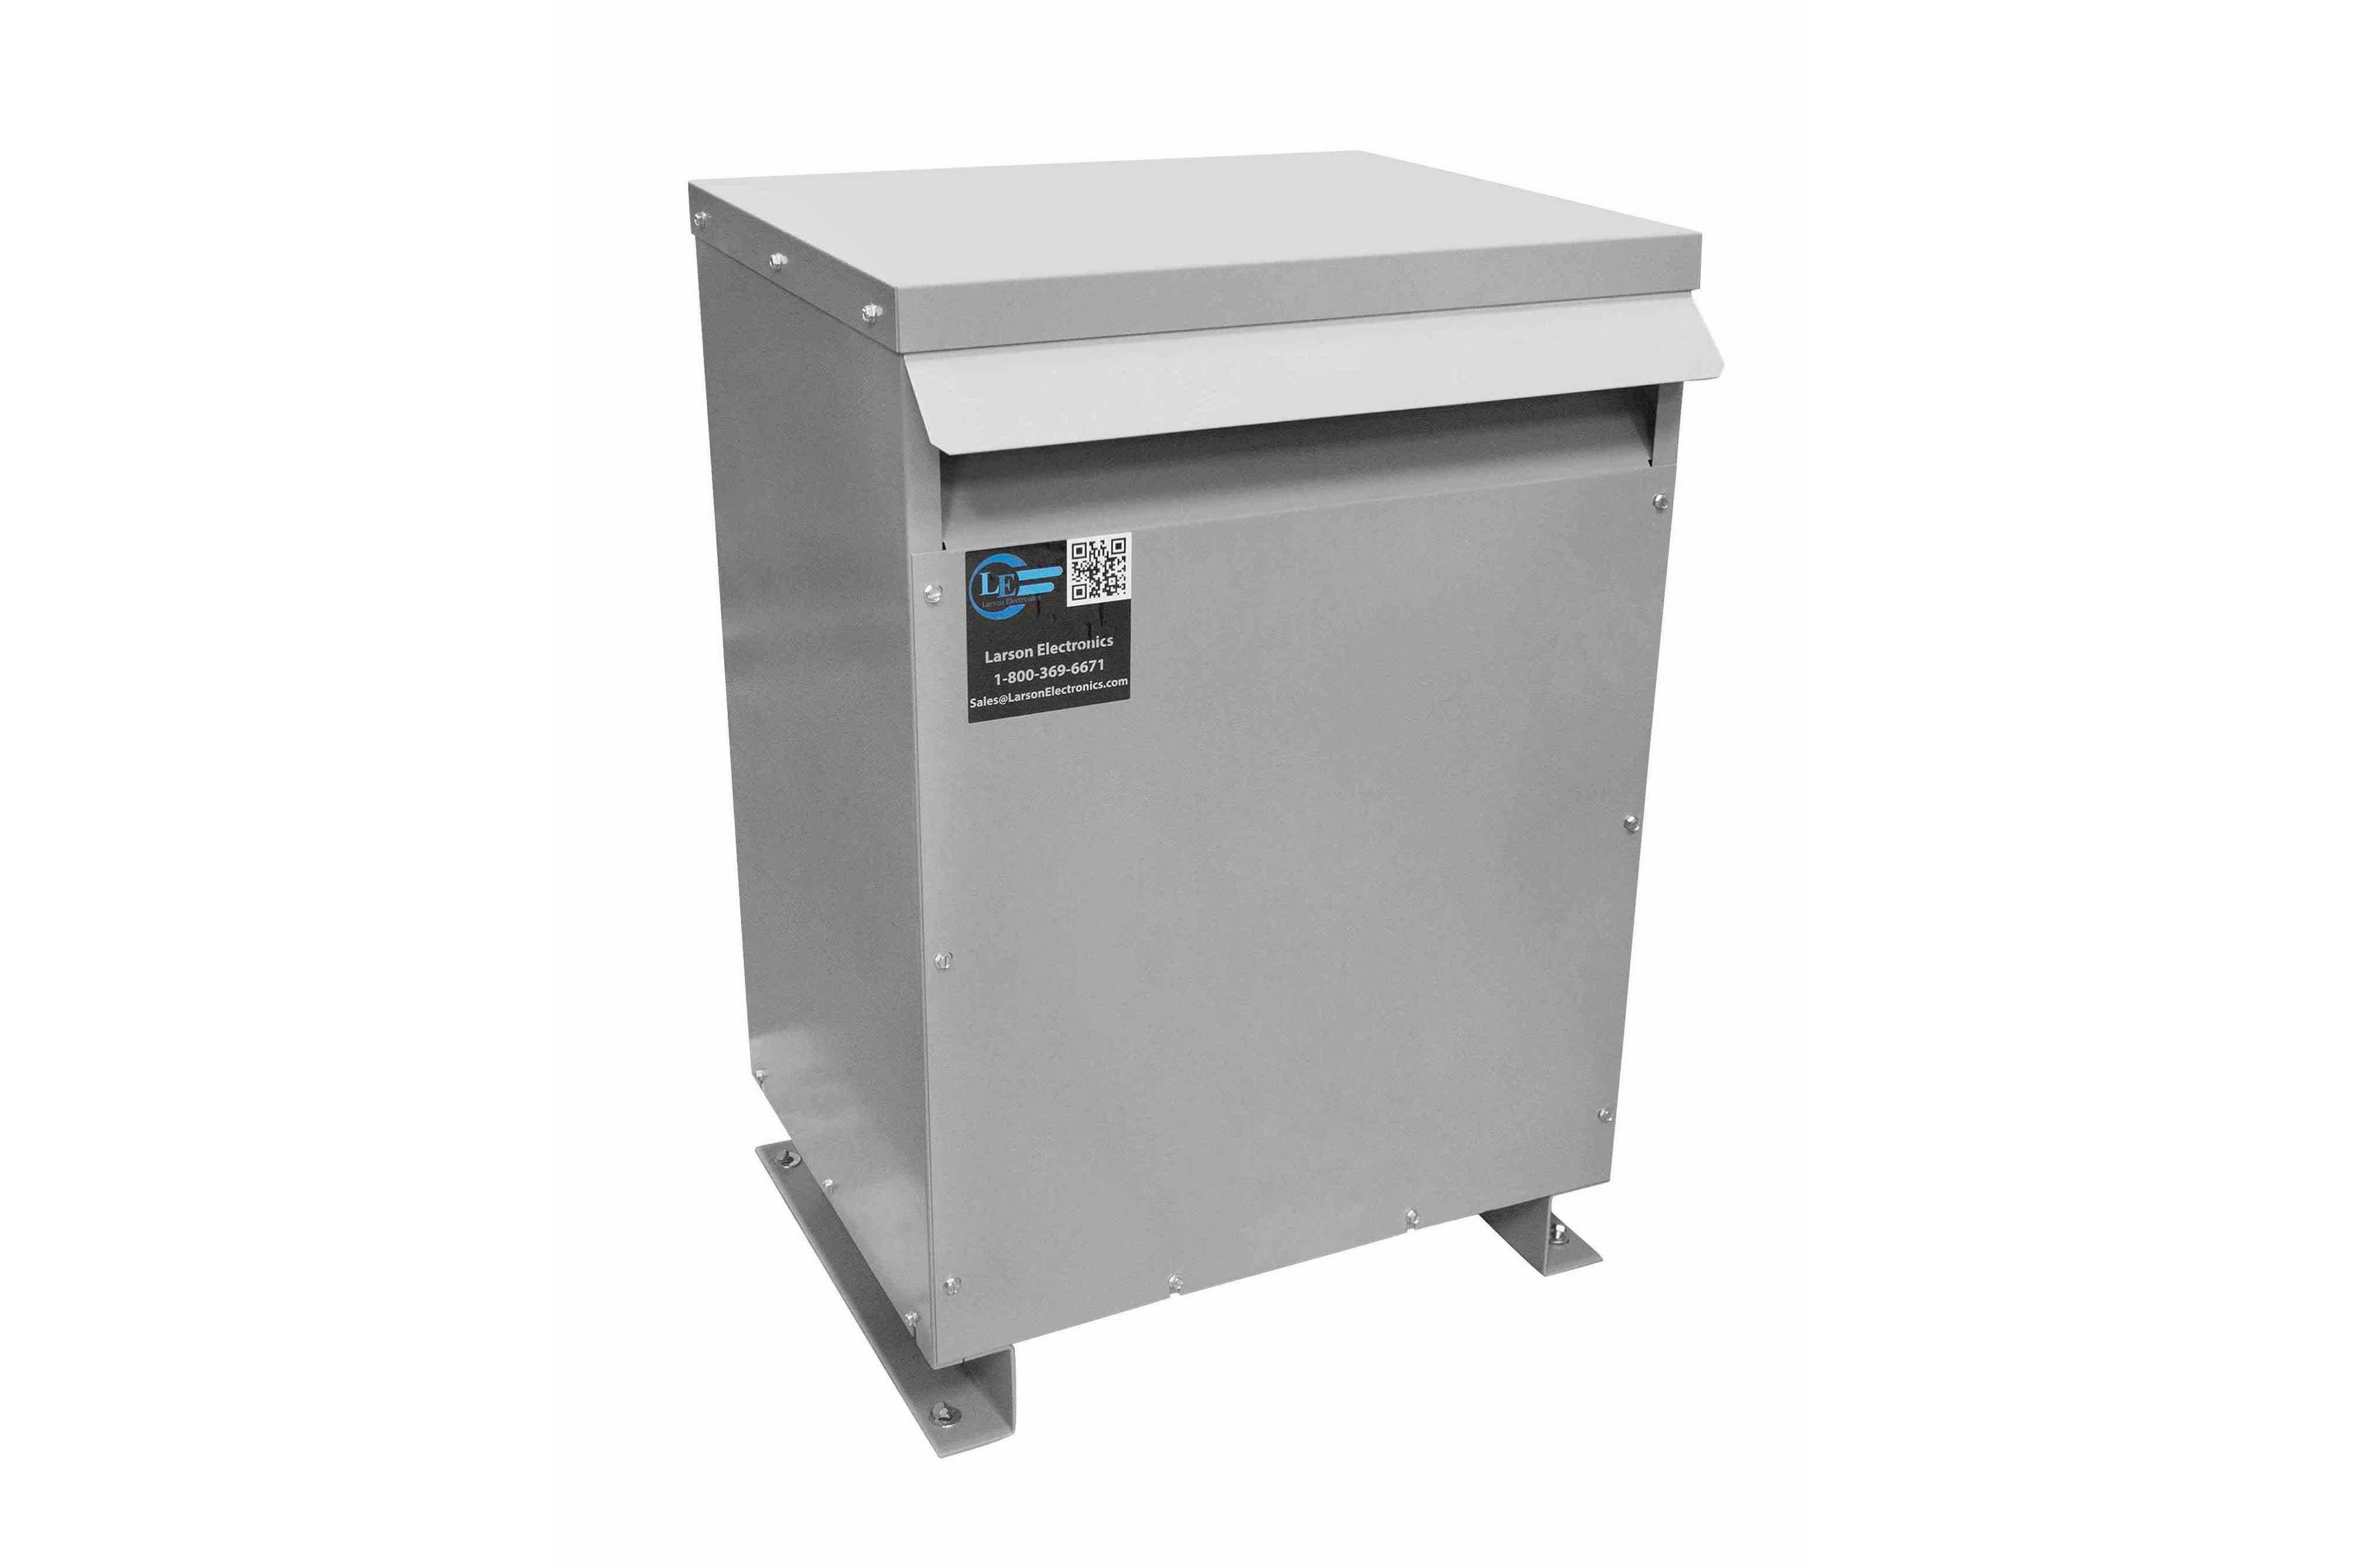 25 kVA 3PH Isolation Transformer, 380V Delta Primary, 600V Delta Secondary, N3R, Ventilated, 60 Hz